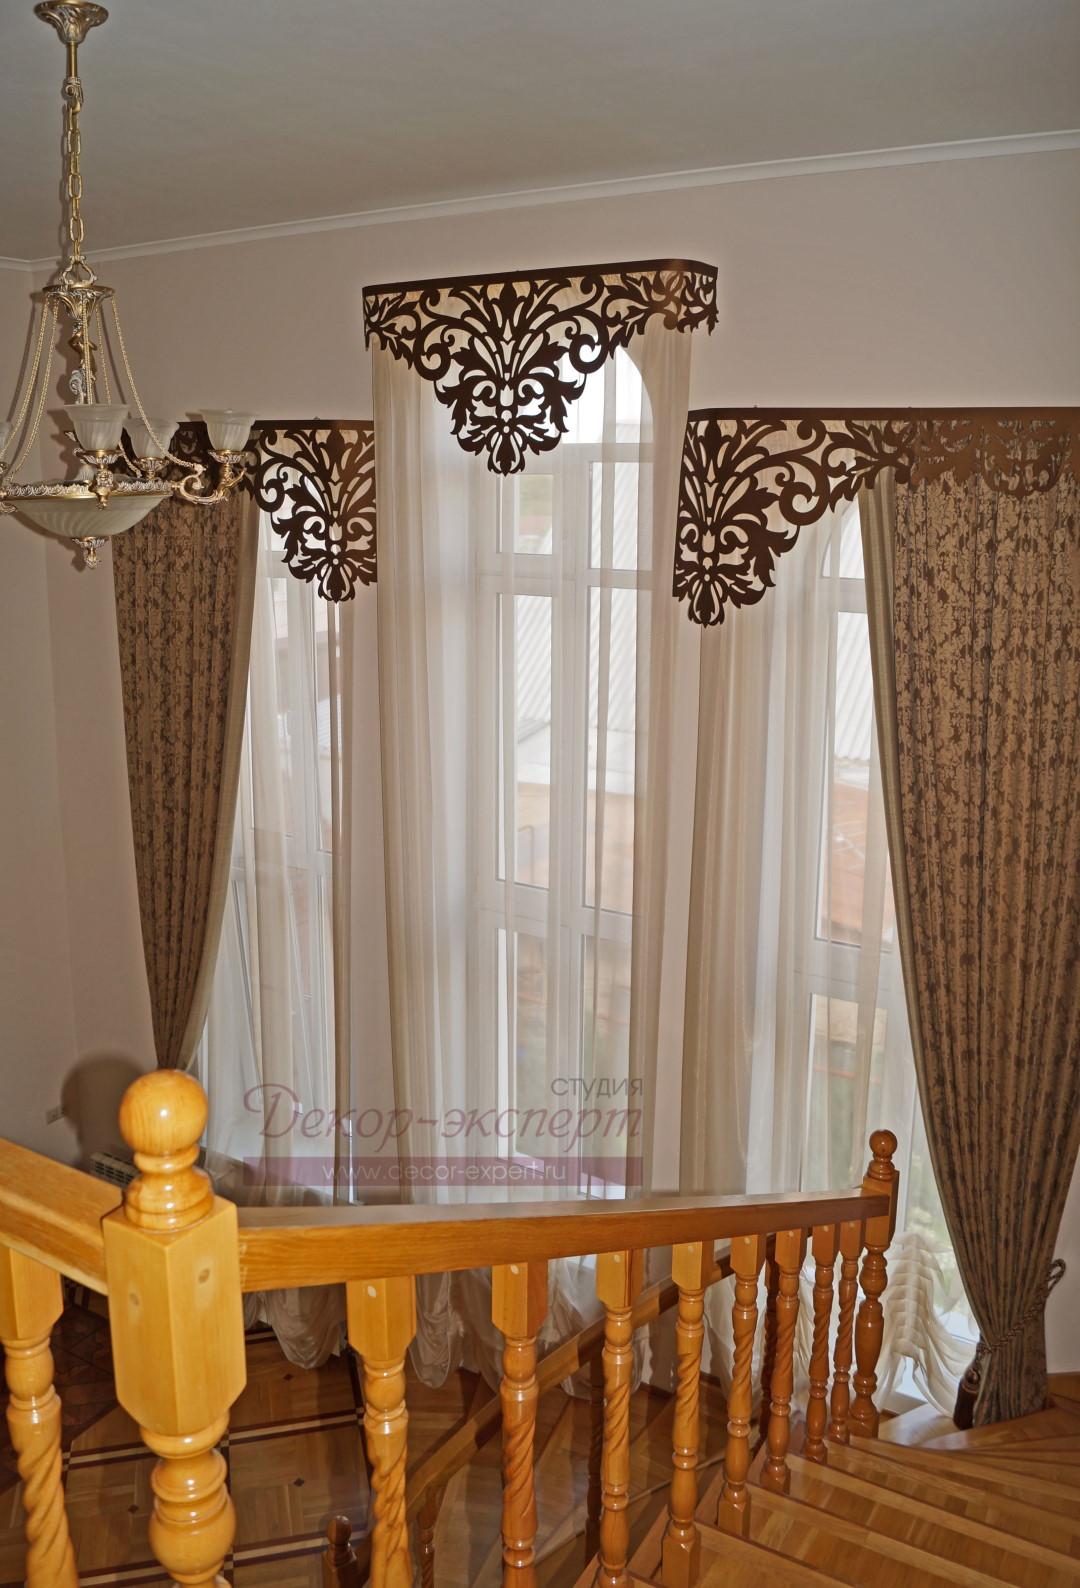 Классические шторы с кантом и ажурными ламбрекенами у лестницы. Вид справа и сверху.